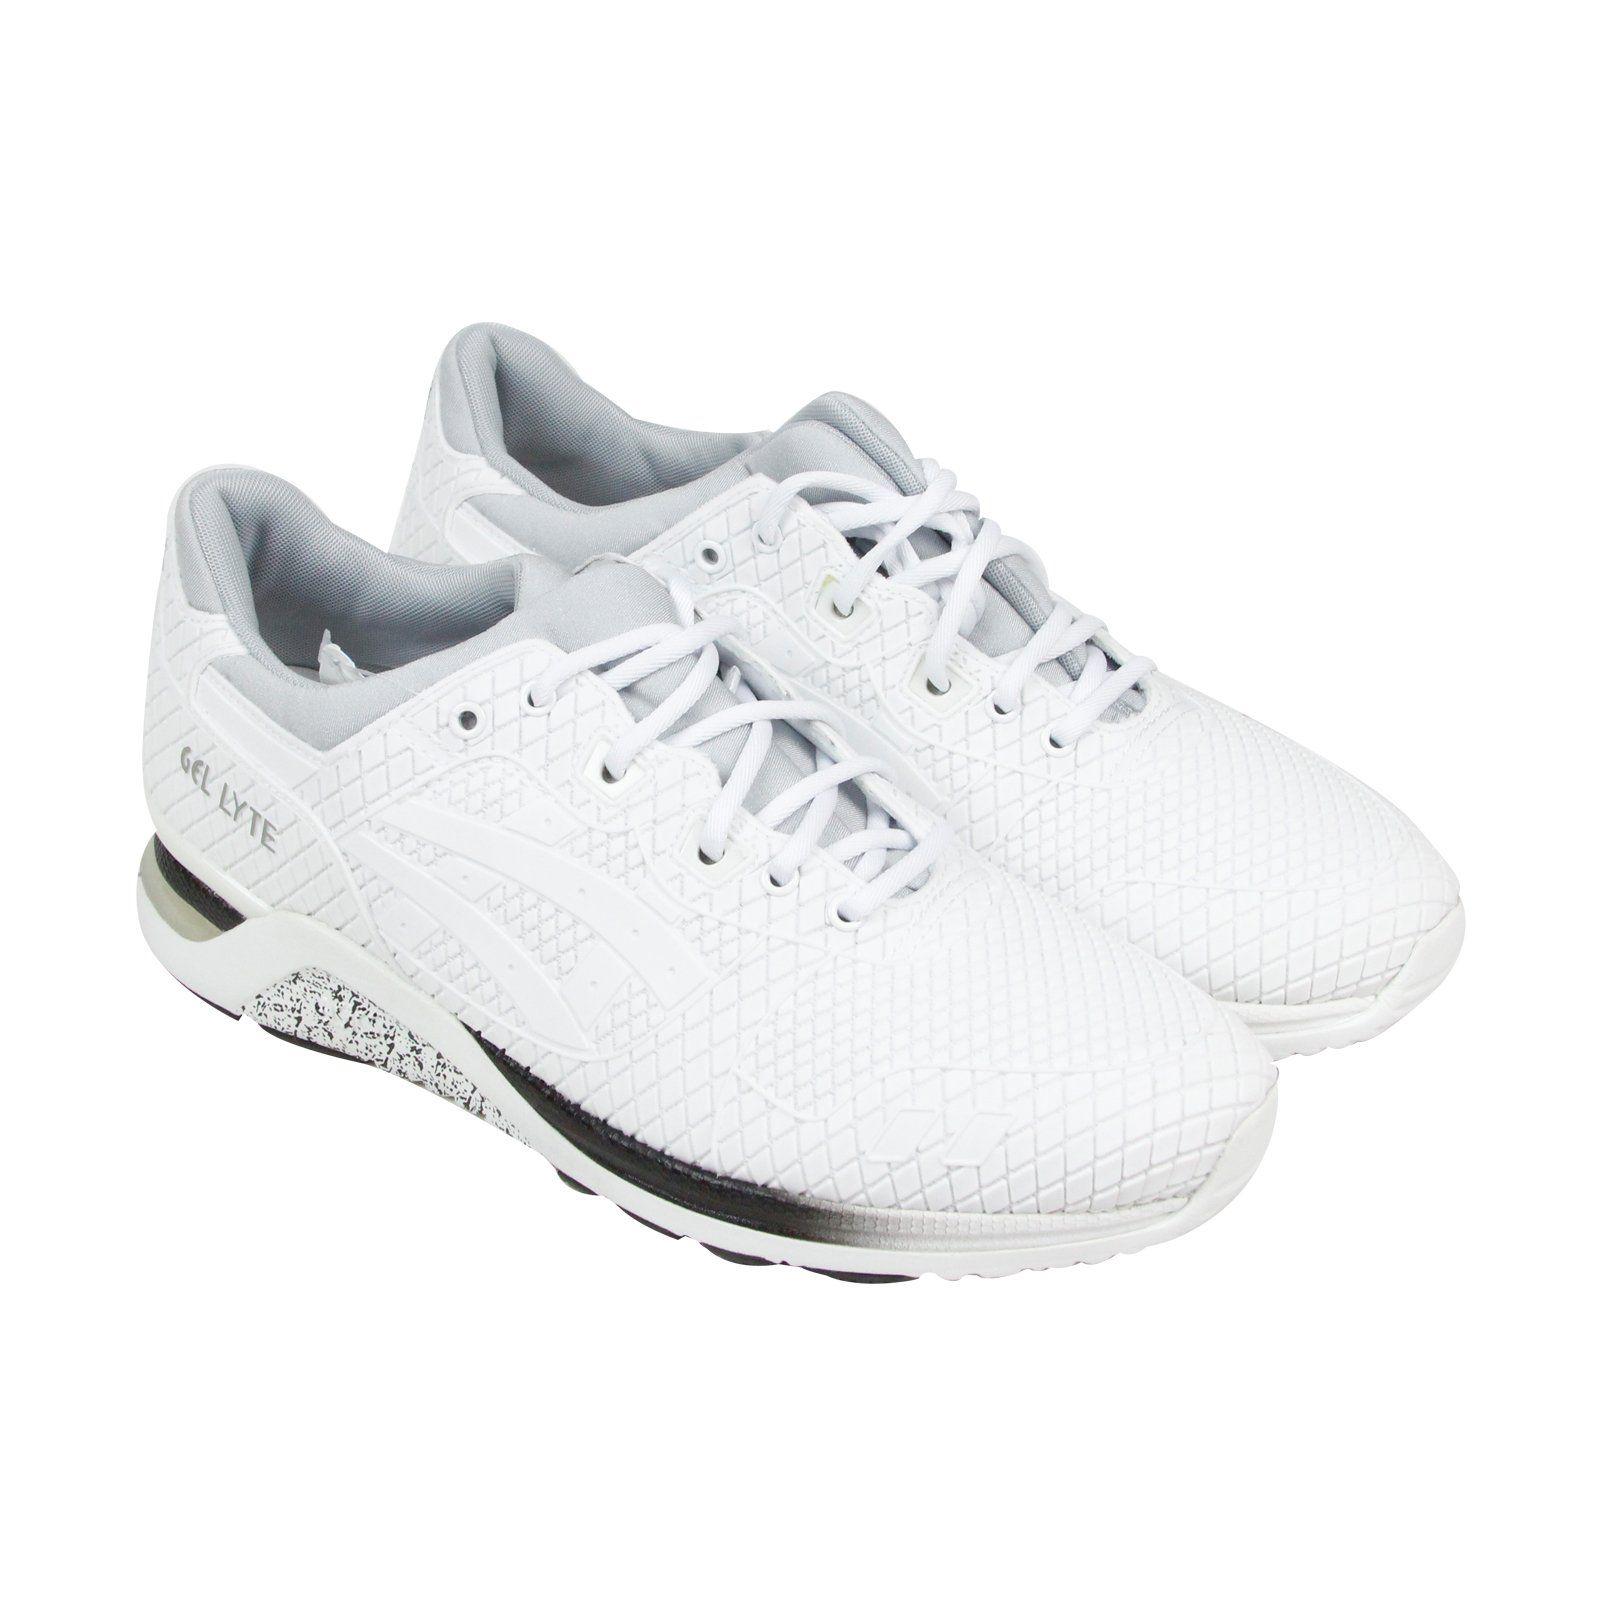 d9866756217a ASICS Men s Gel-Lyte EVO NT Retro Running Shoe